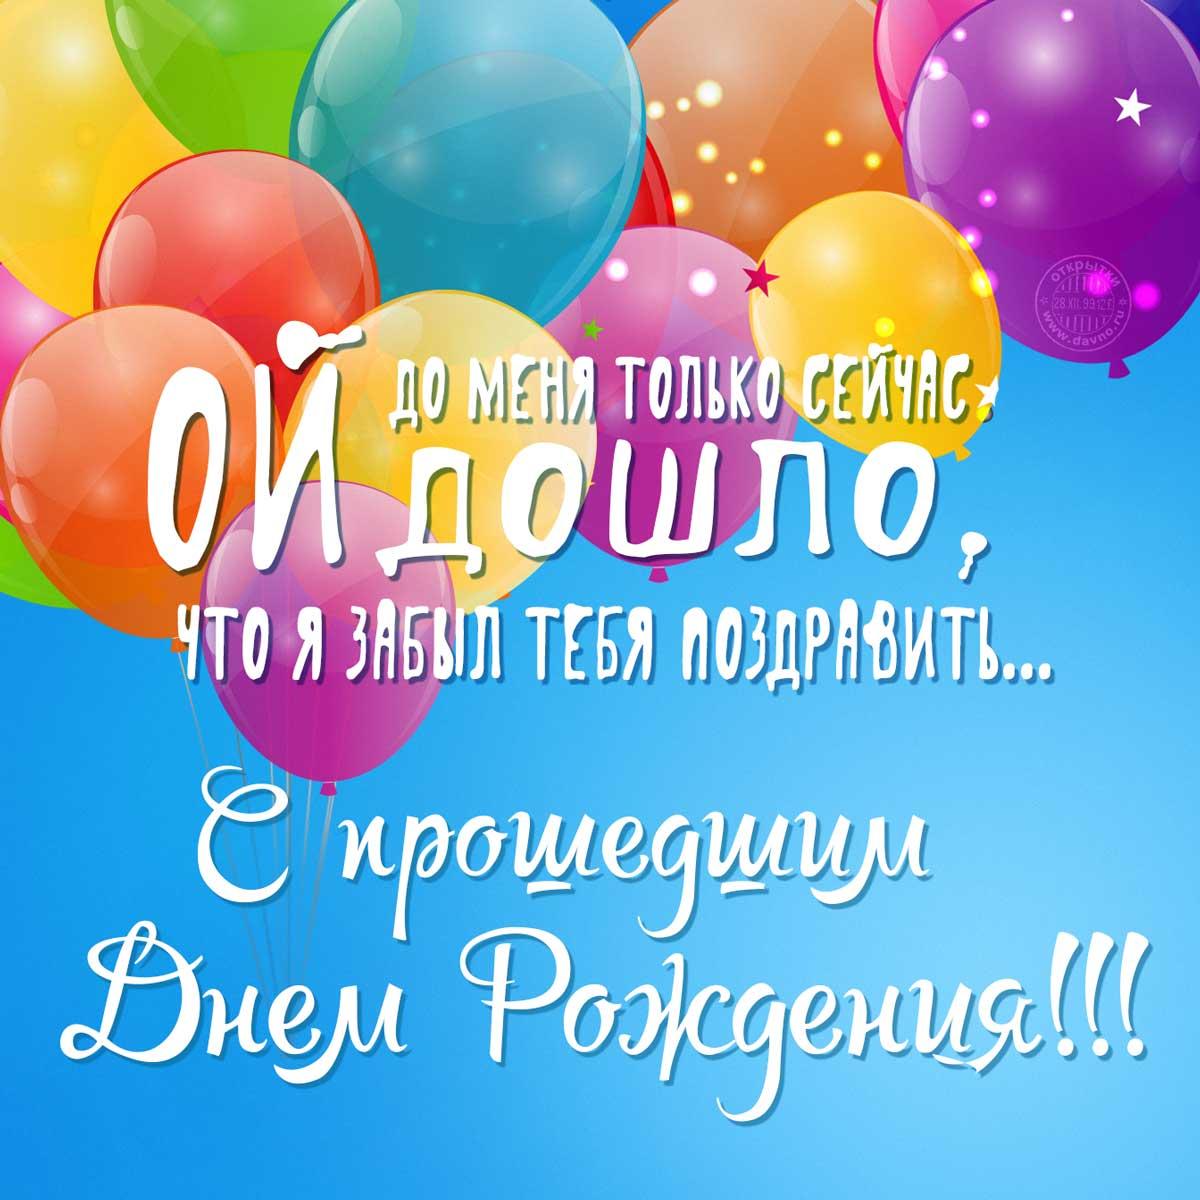 С днем рождения издевательское поздравление